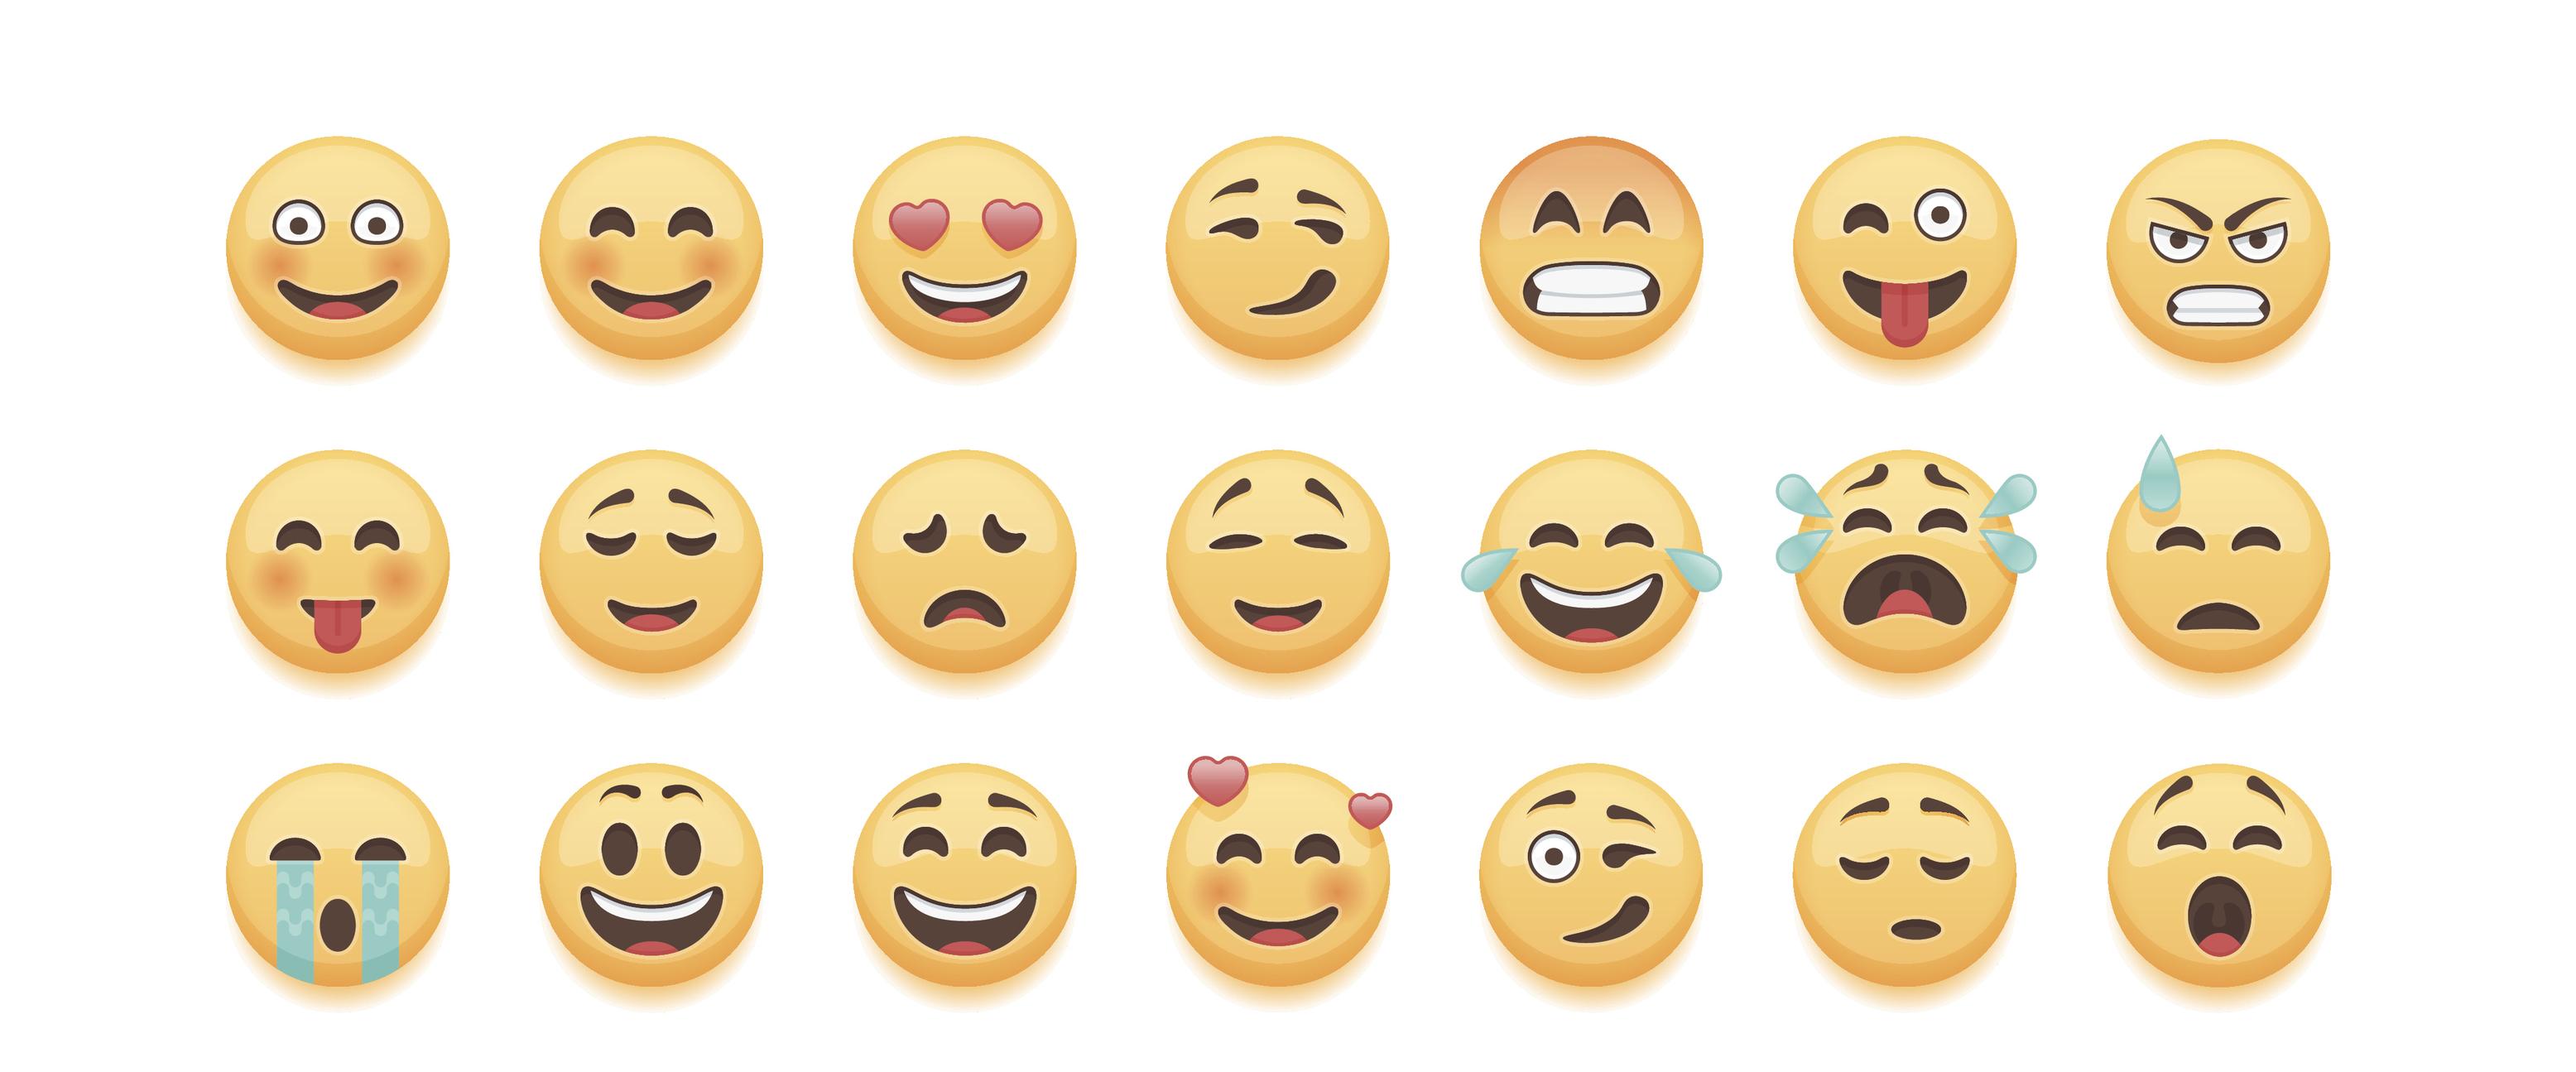 emoji rows